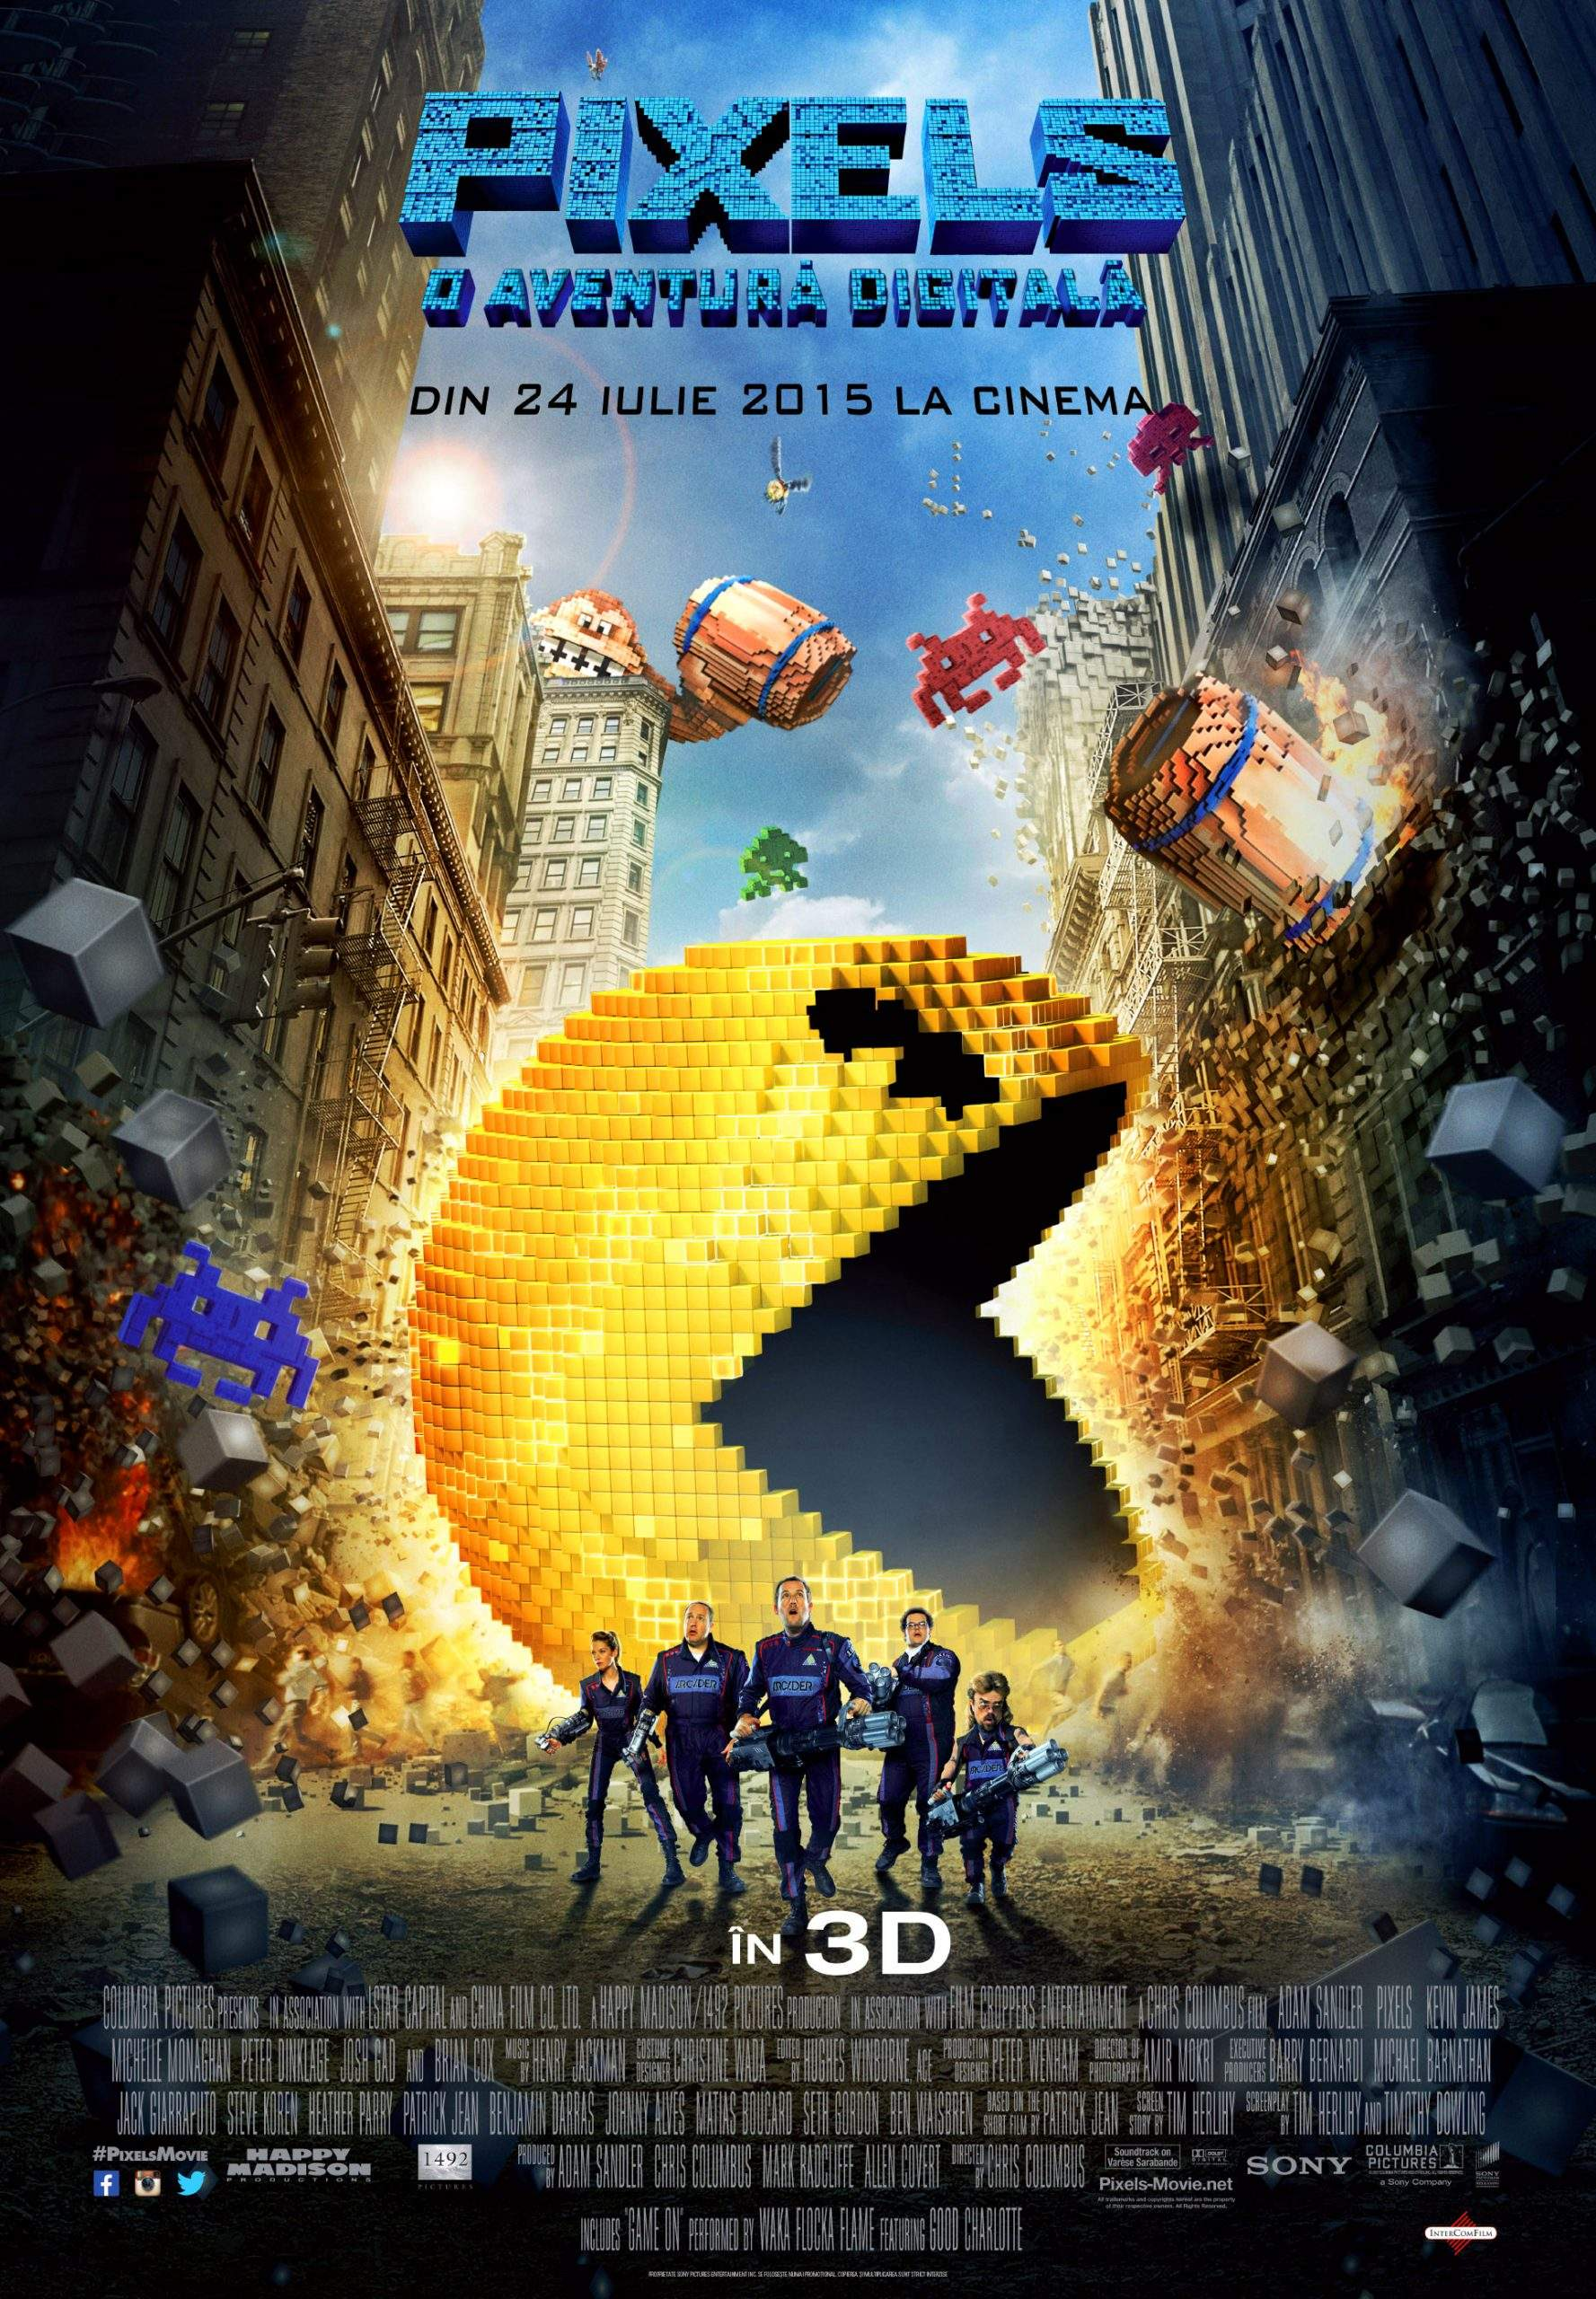 Pixels 3D (2015) – În pixeli să ne măsurăm, în Arcade să ne alintăm